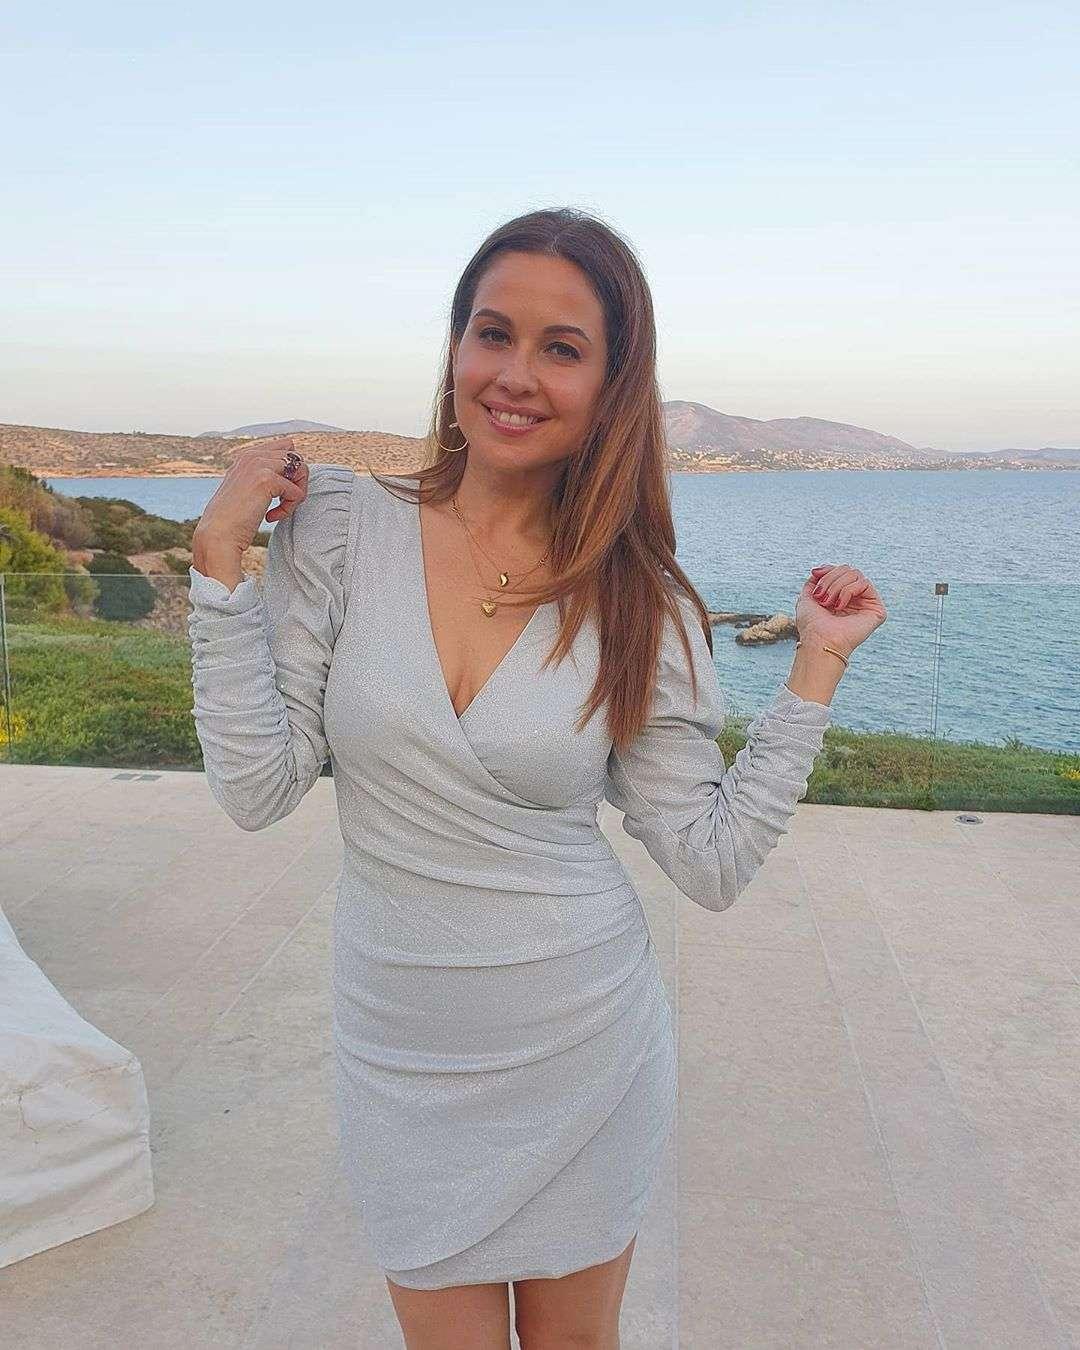 بفستان مثير.. شاهد ريا أبى راشد تستعرض جمالها